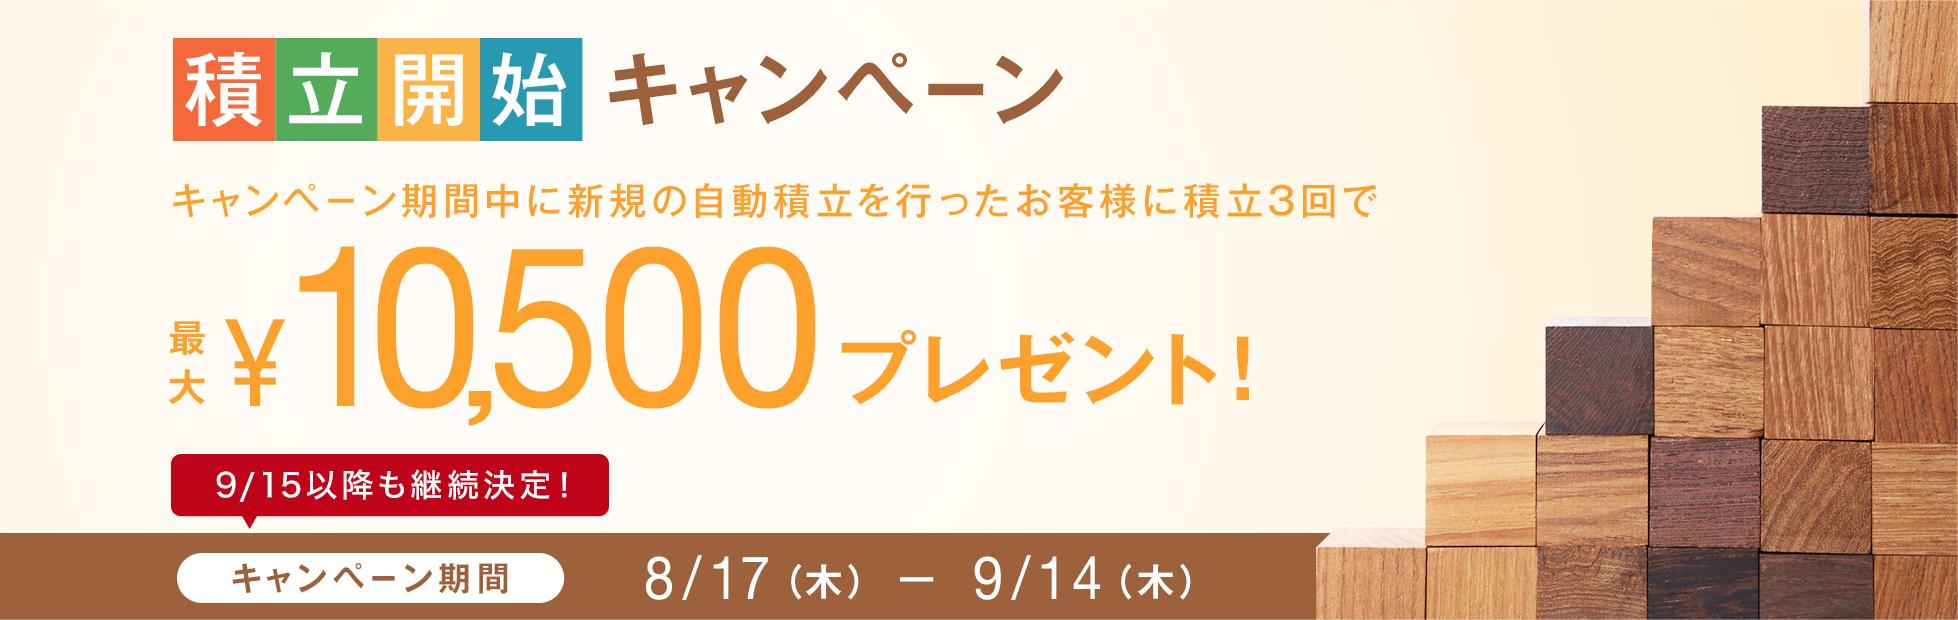 積立開始キャンペーン:キャンペーン期間中に新規の自動積立申込を行ったお客様に積立3回で最大10,500円プレゼント!2017年9月15日(金)以降も開催決定